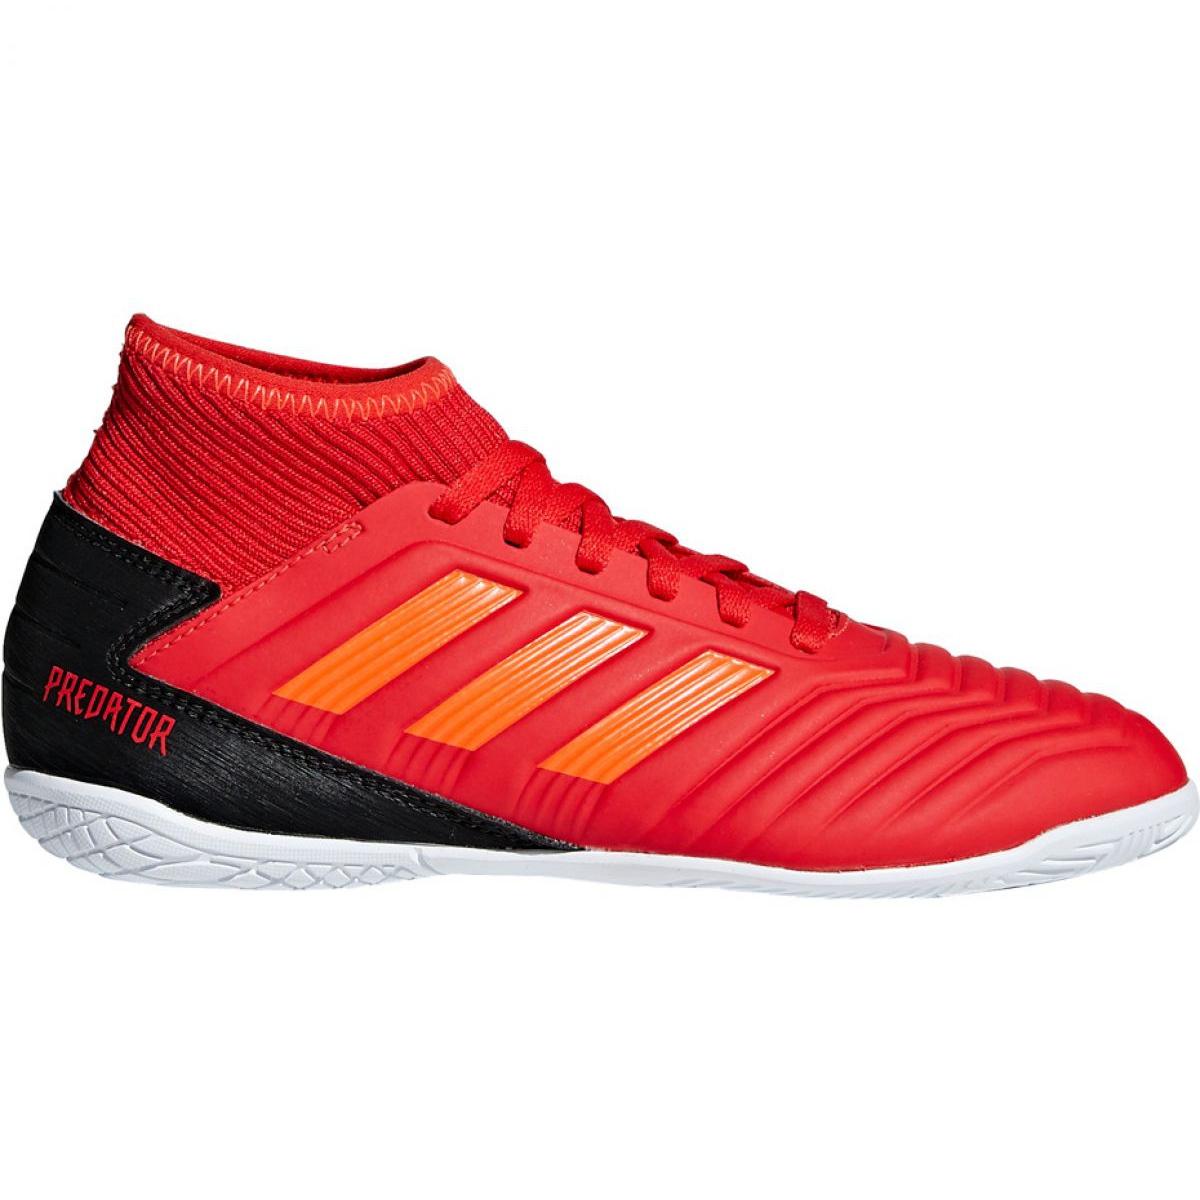 Interior Zapatos De Jr Predator 19 3 Cm8544 Adidas In EHYD29WI